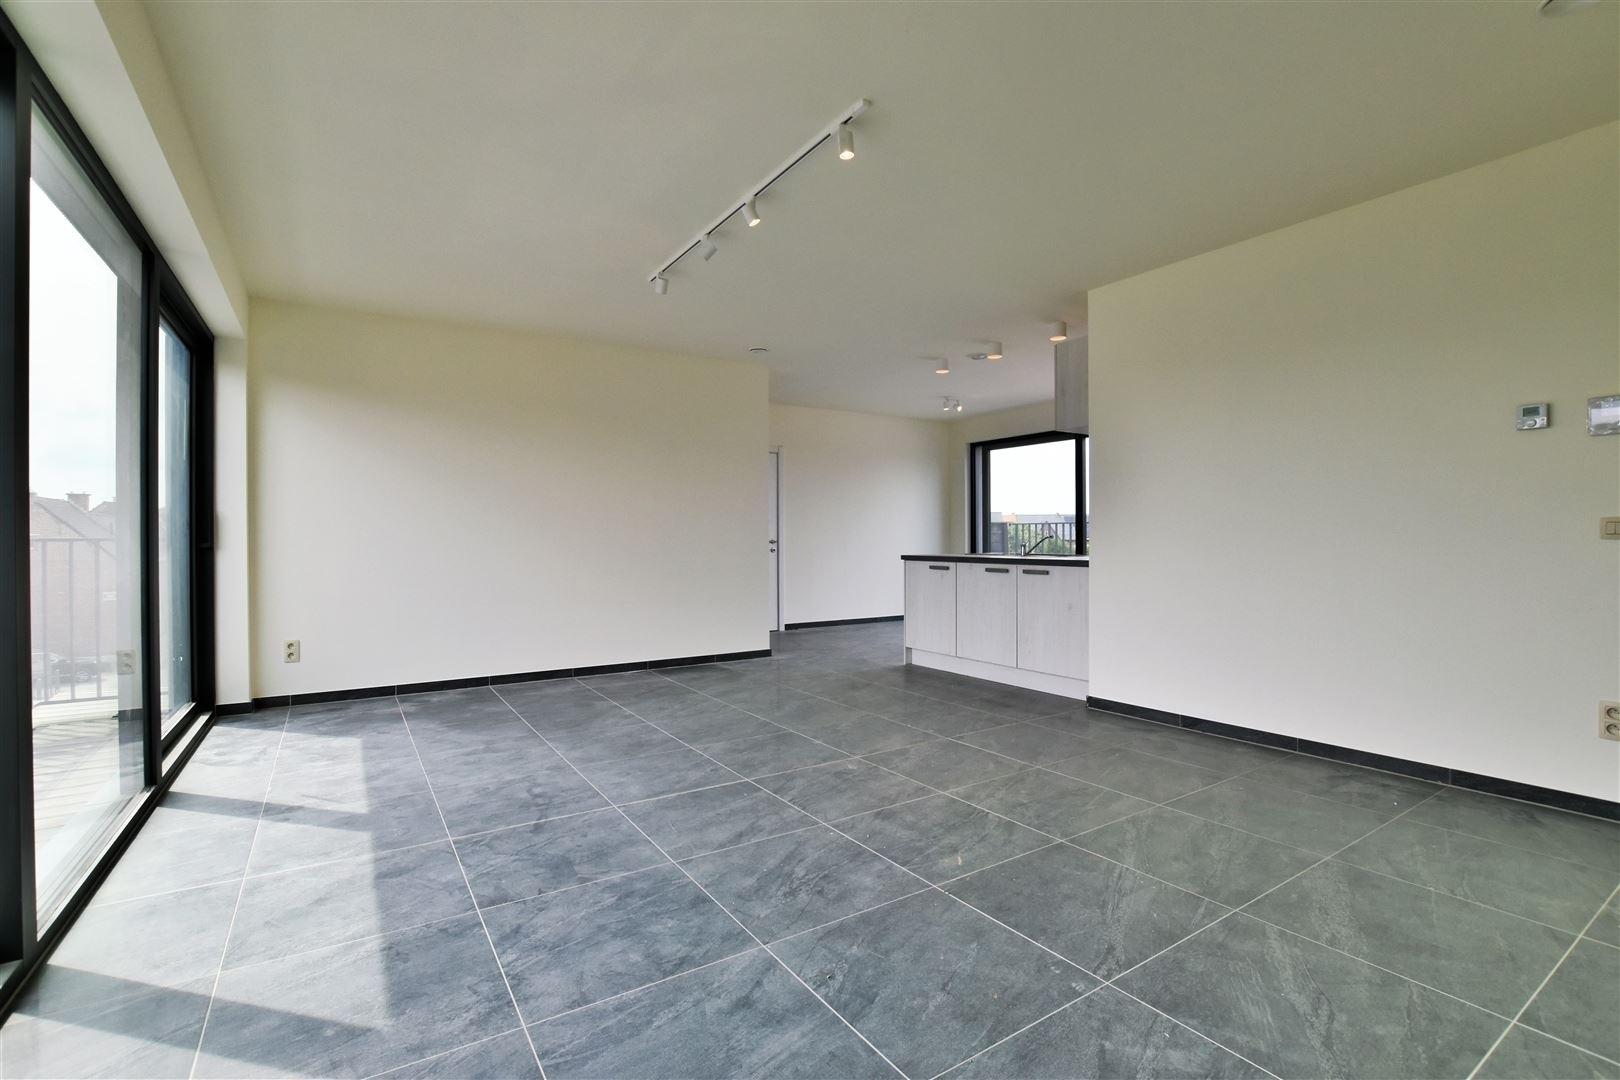 Foto 8 : Appartement te 9255 Buggenhout (België) - Prijs € 660